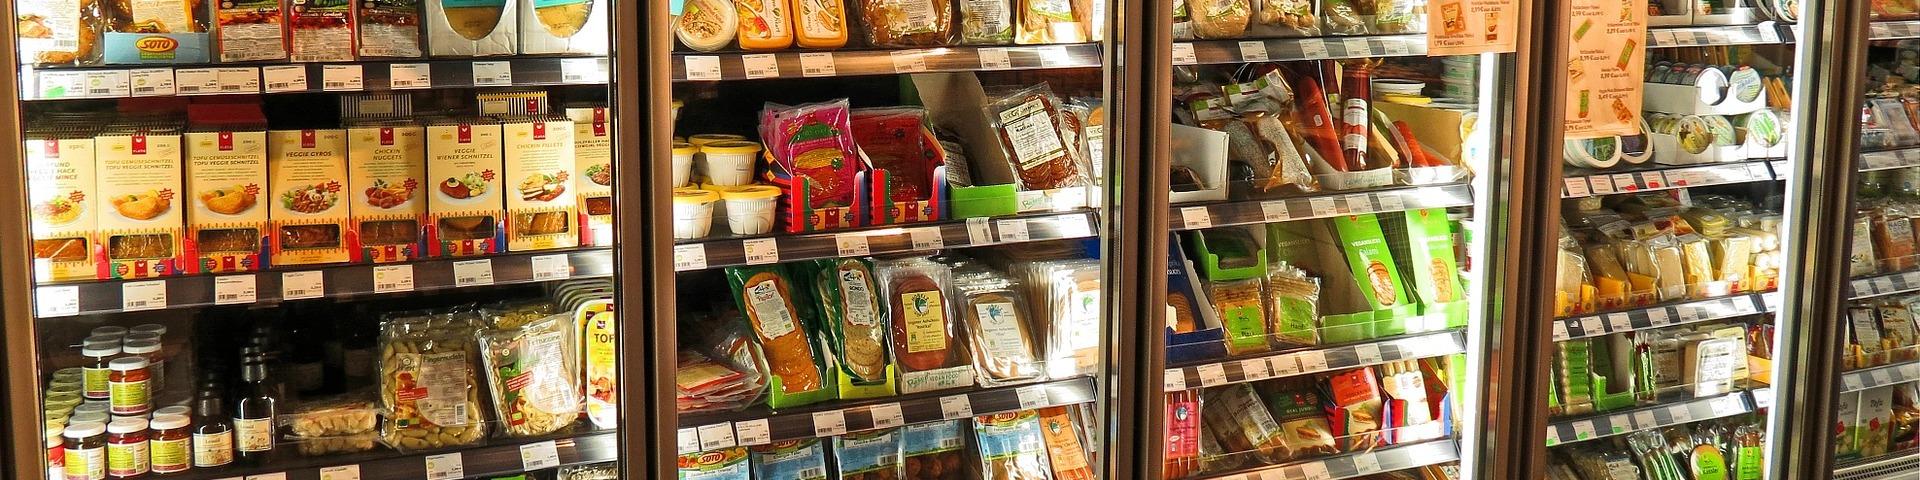 Lineal de un supermercado con muchos alimentos envasados